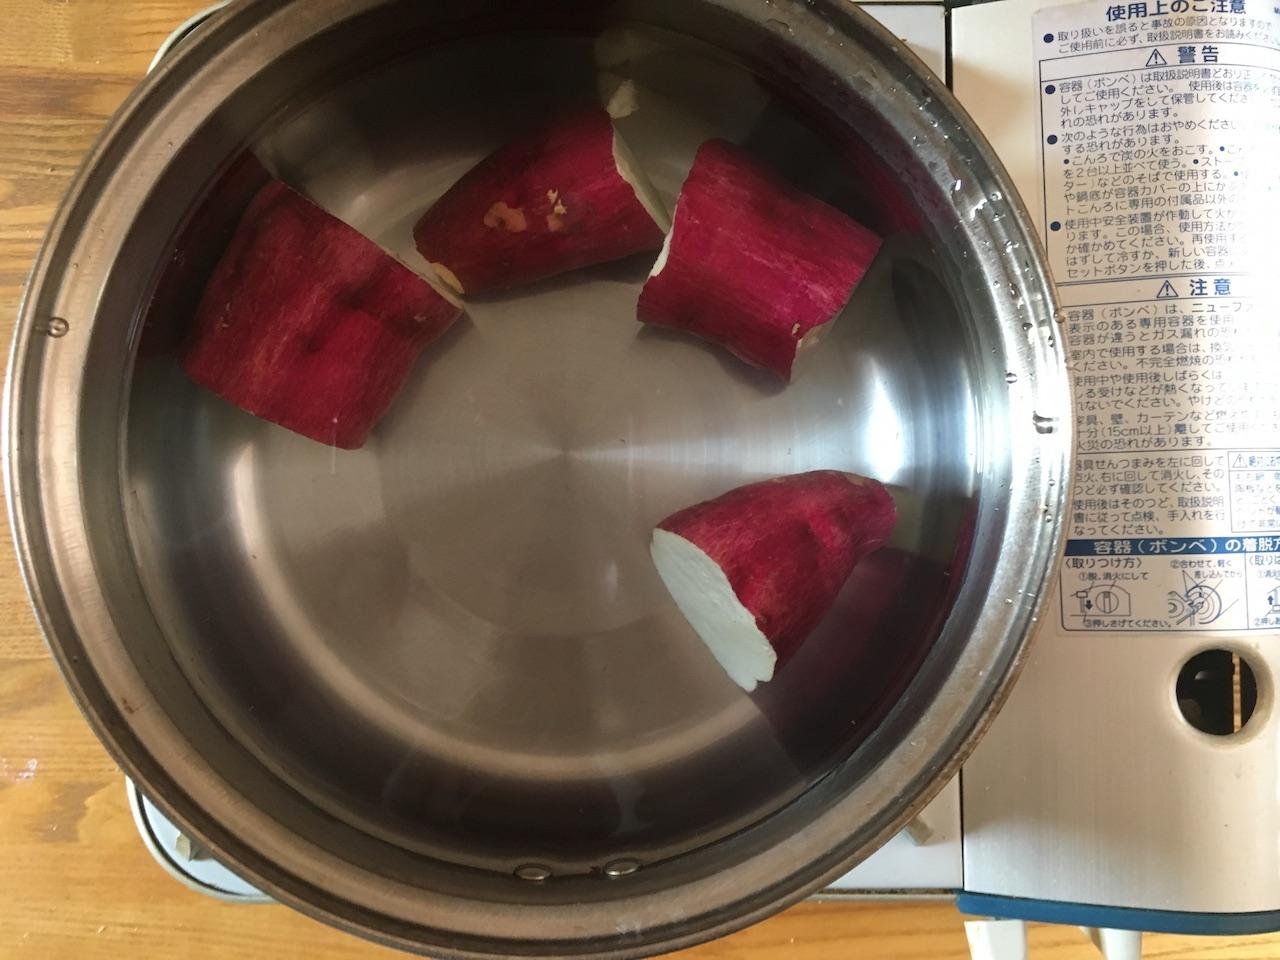 鍋にさつまいもを入れて茹でる